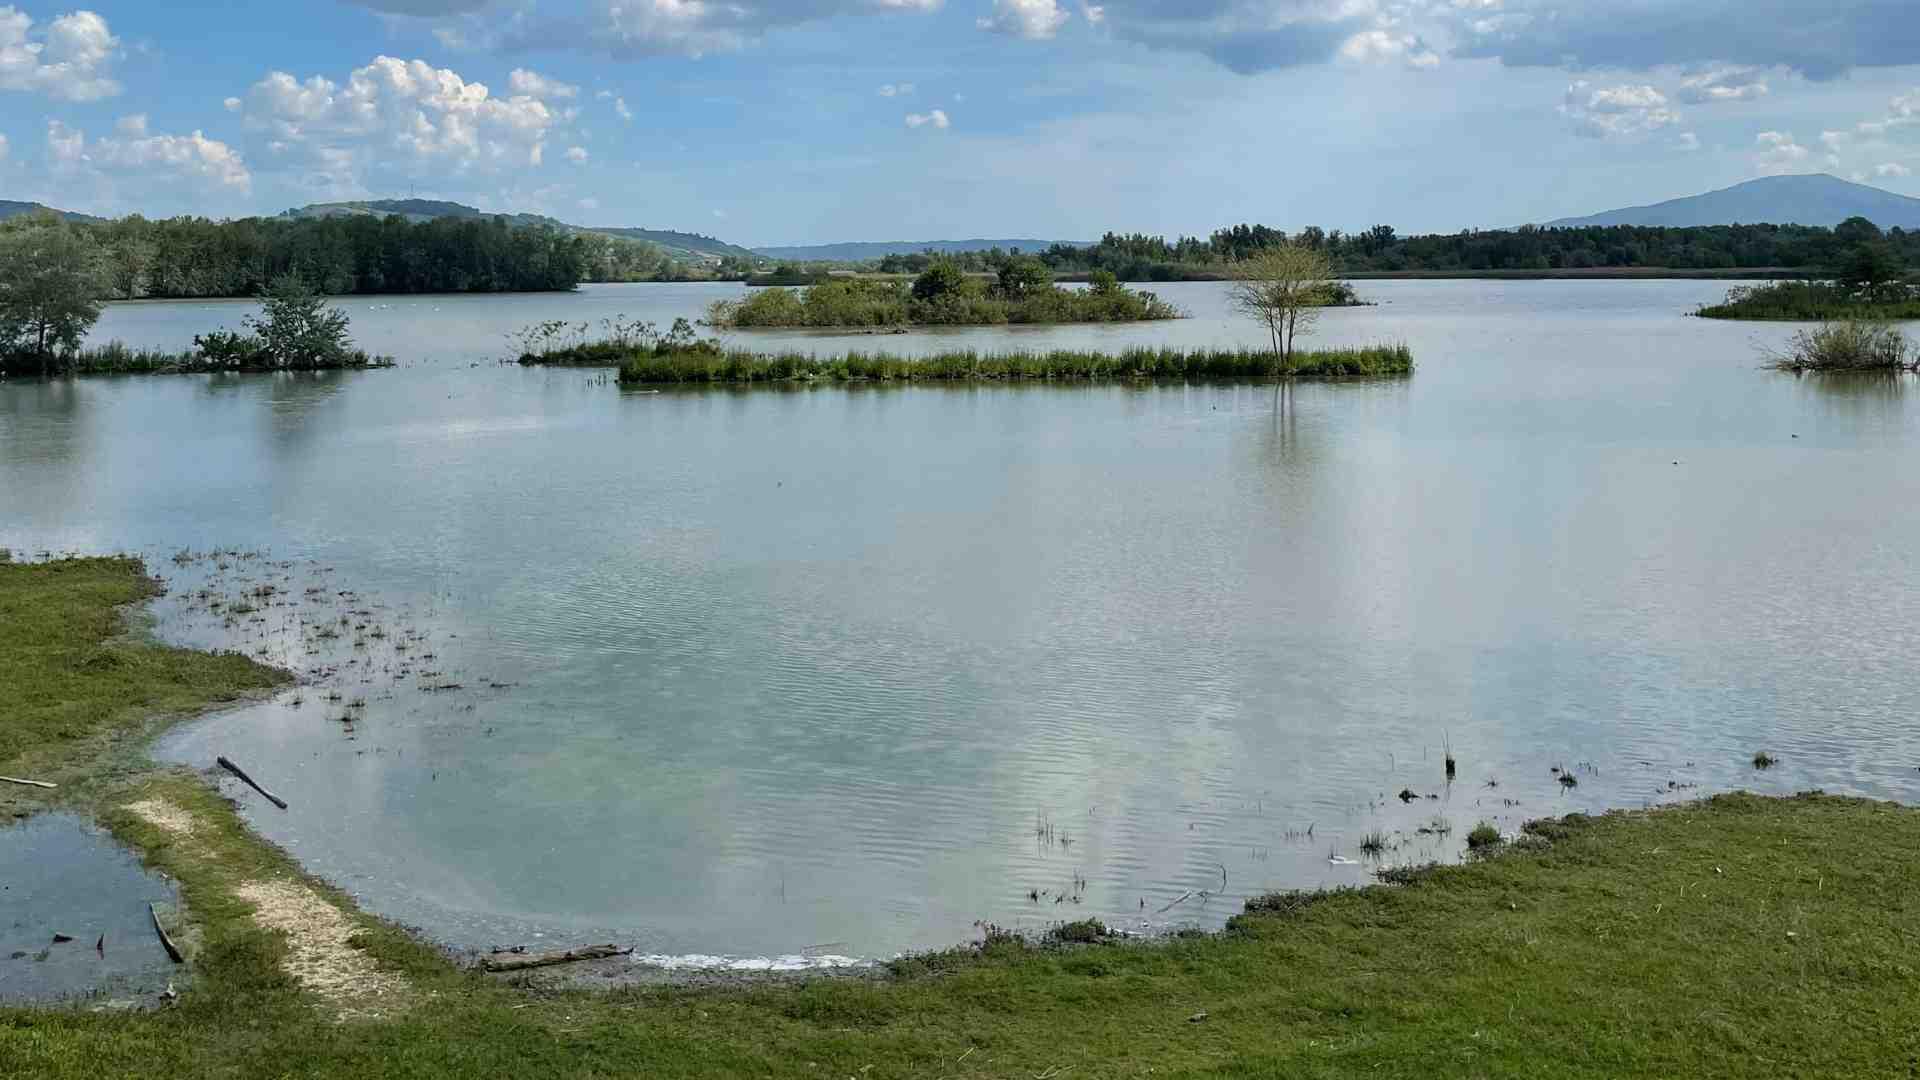 oasi-wwf-lago-di-alviano-01